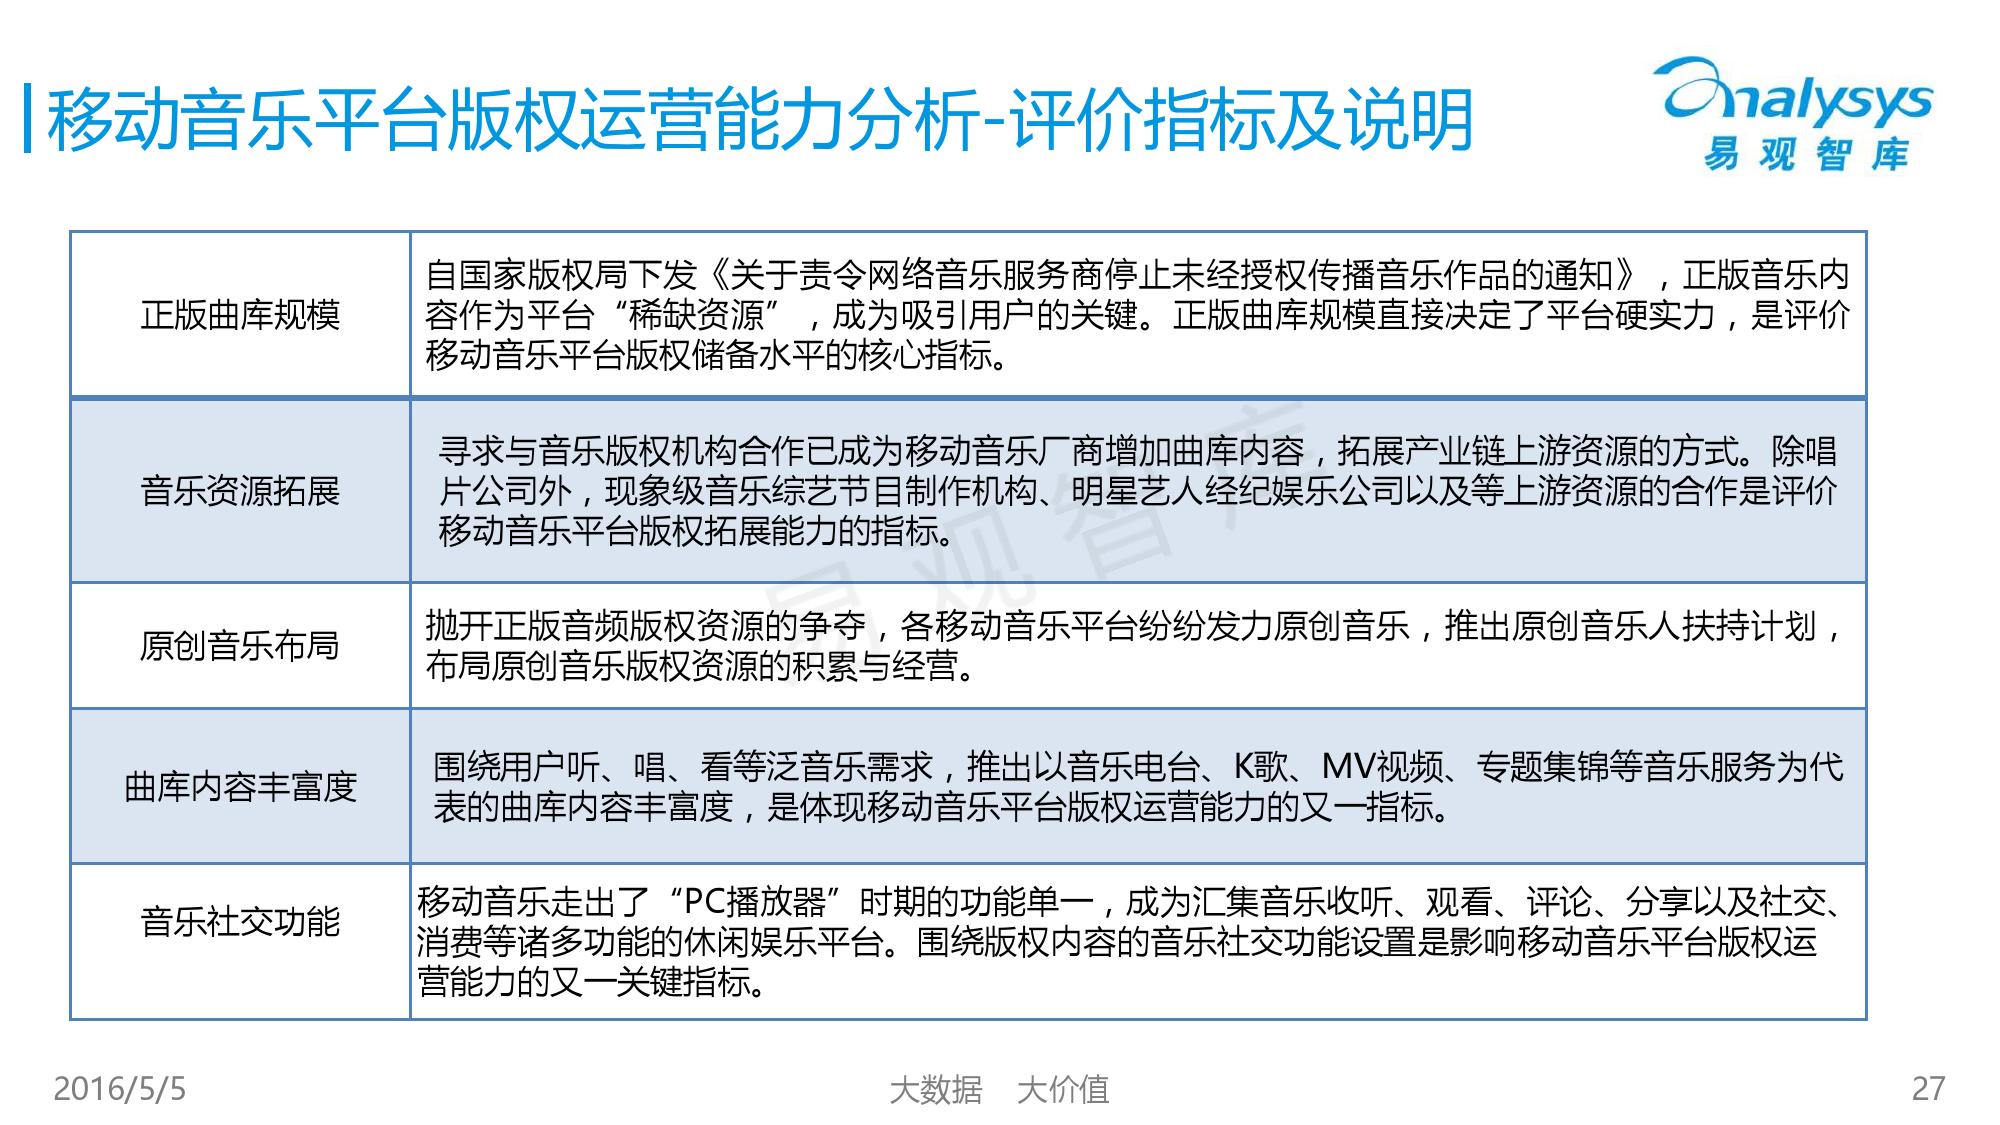 2016中国移动音乐市场年度综合报告_000027